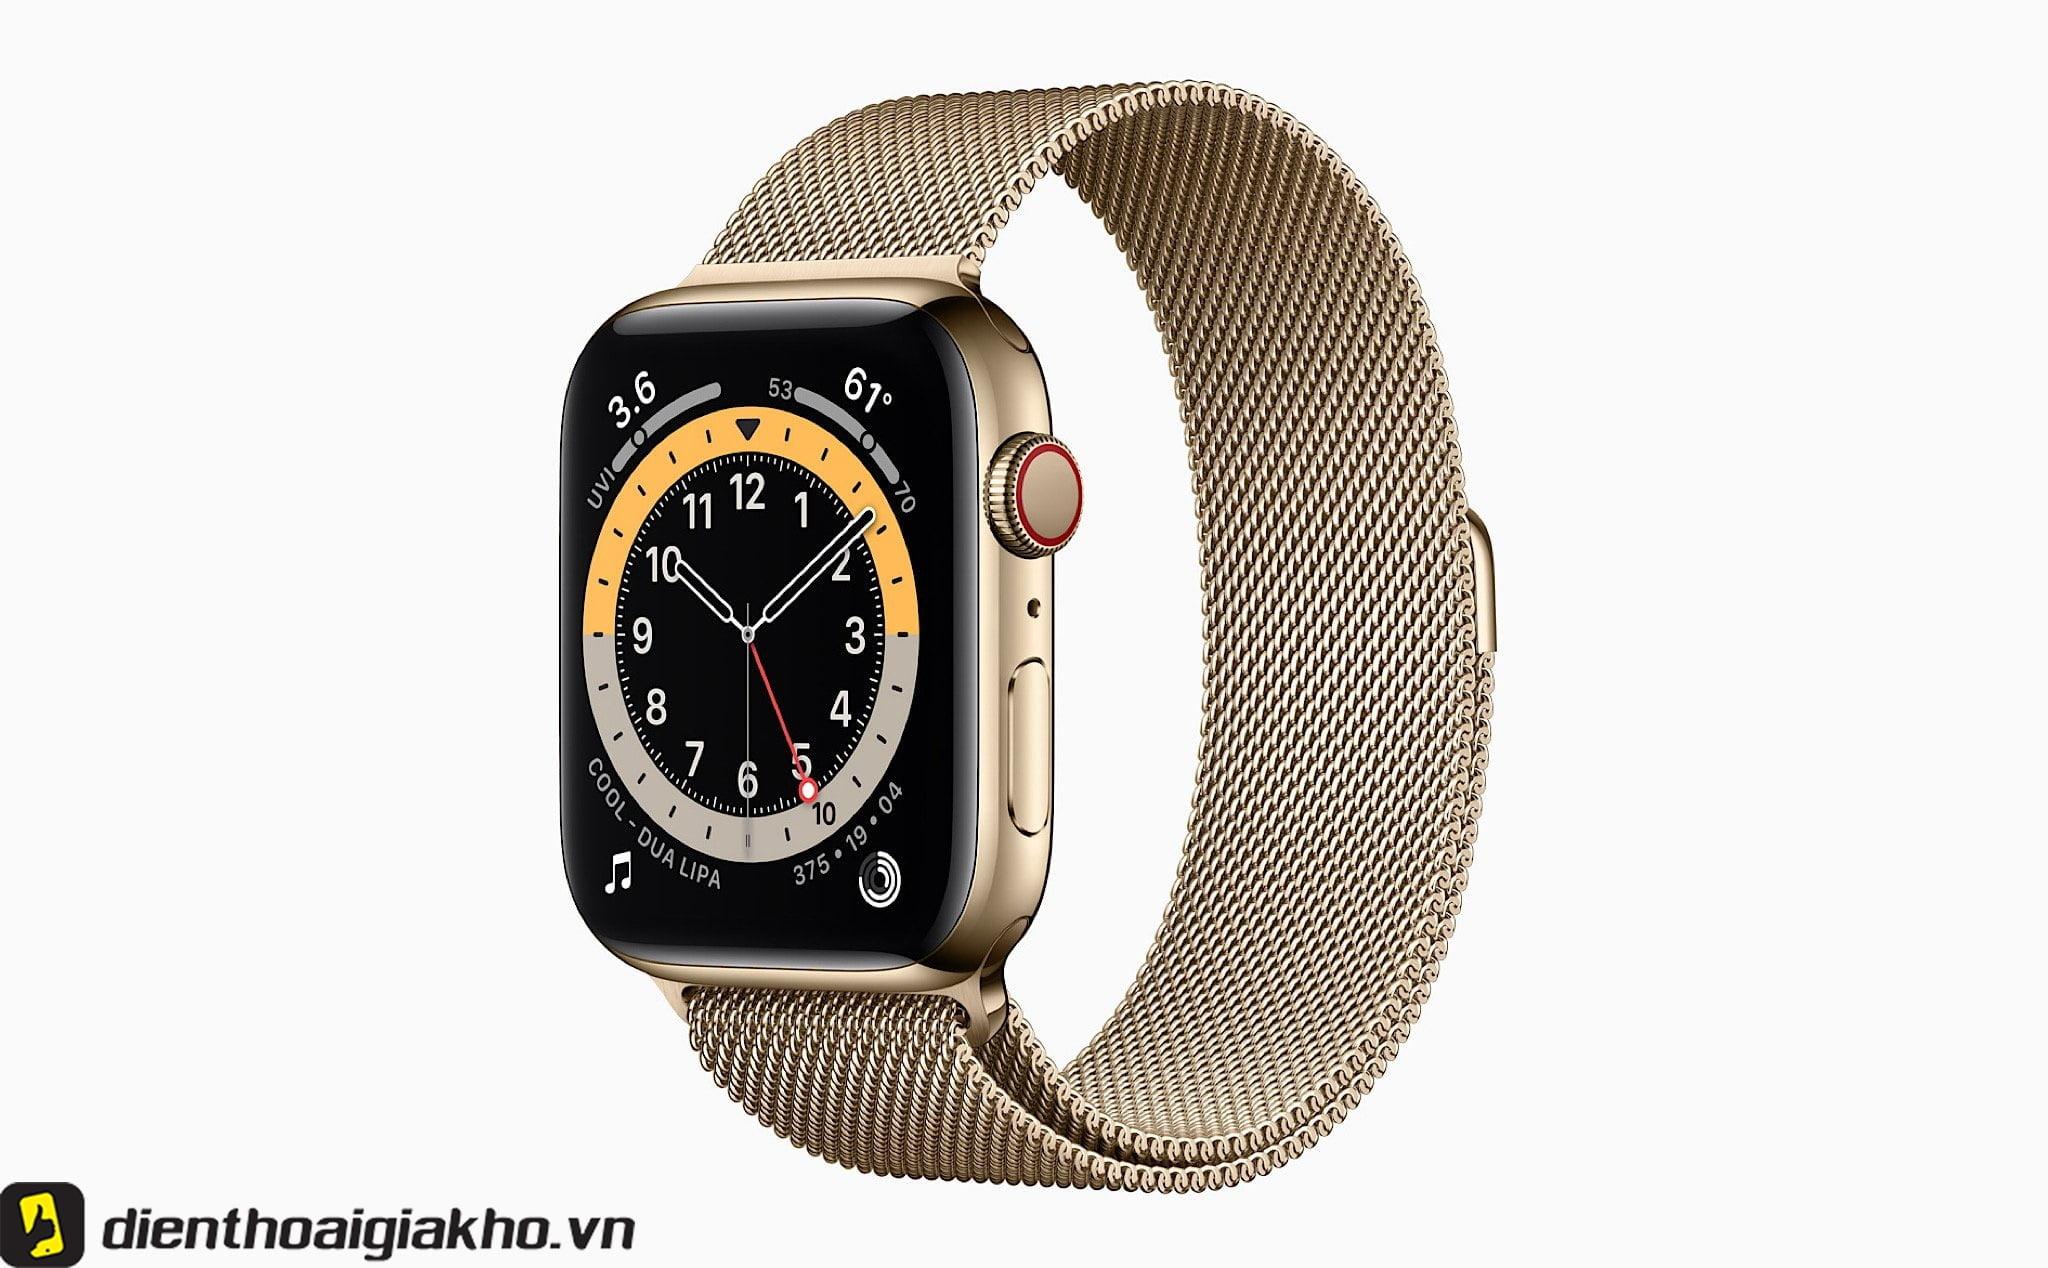 Apple Watch Series 5 viền thép dây thép